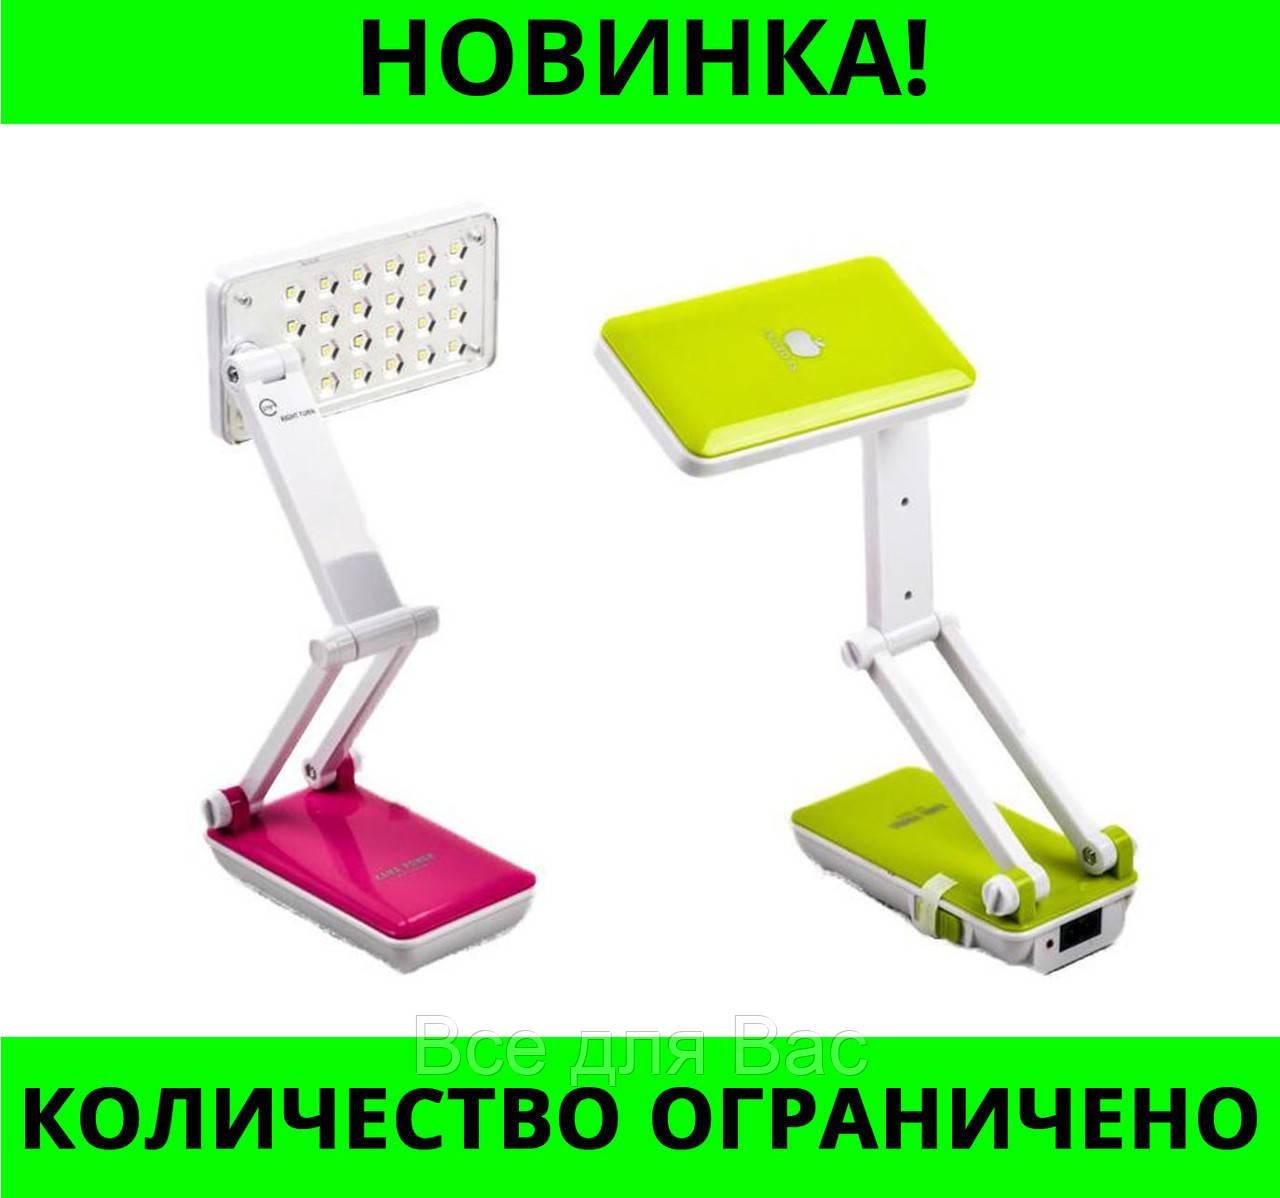 Настольная лампа трансформер TOP WELL LED!Розница и Опт